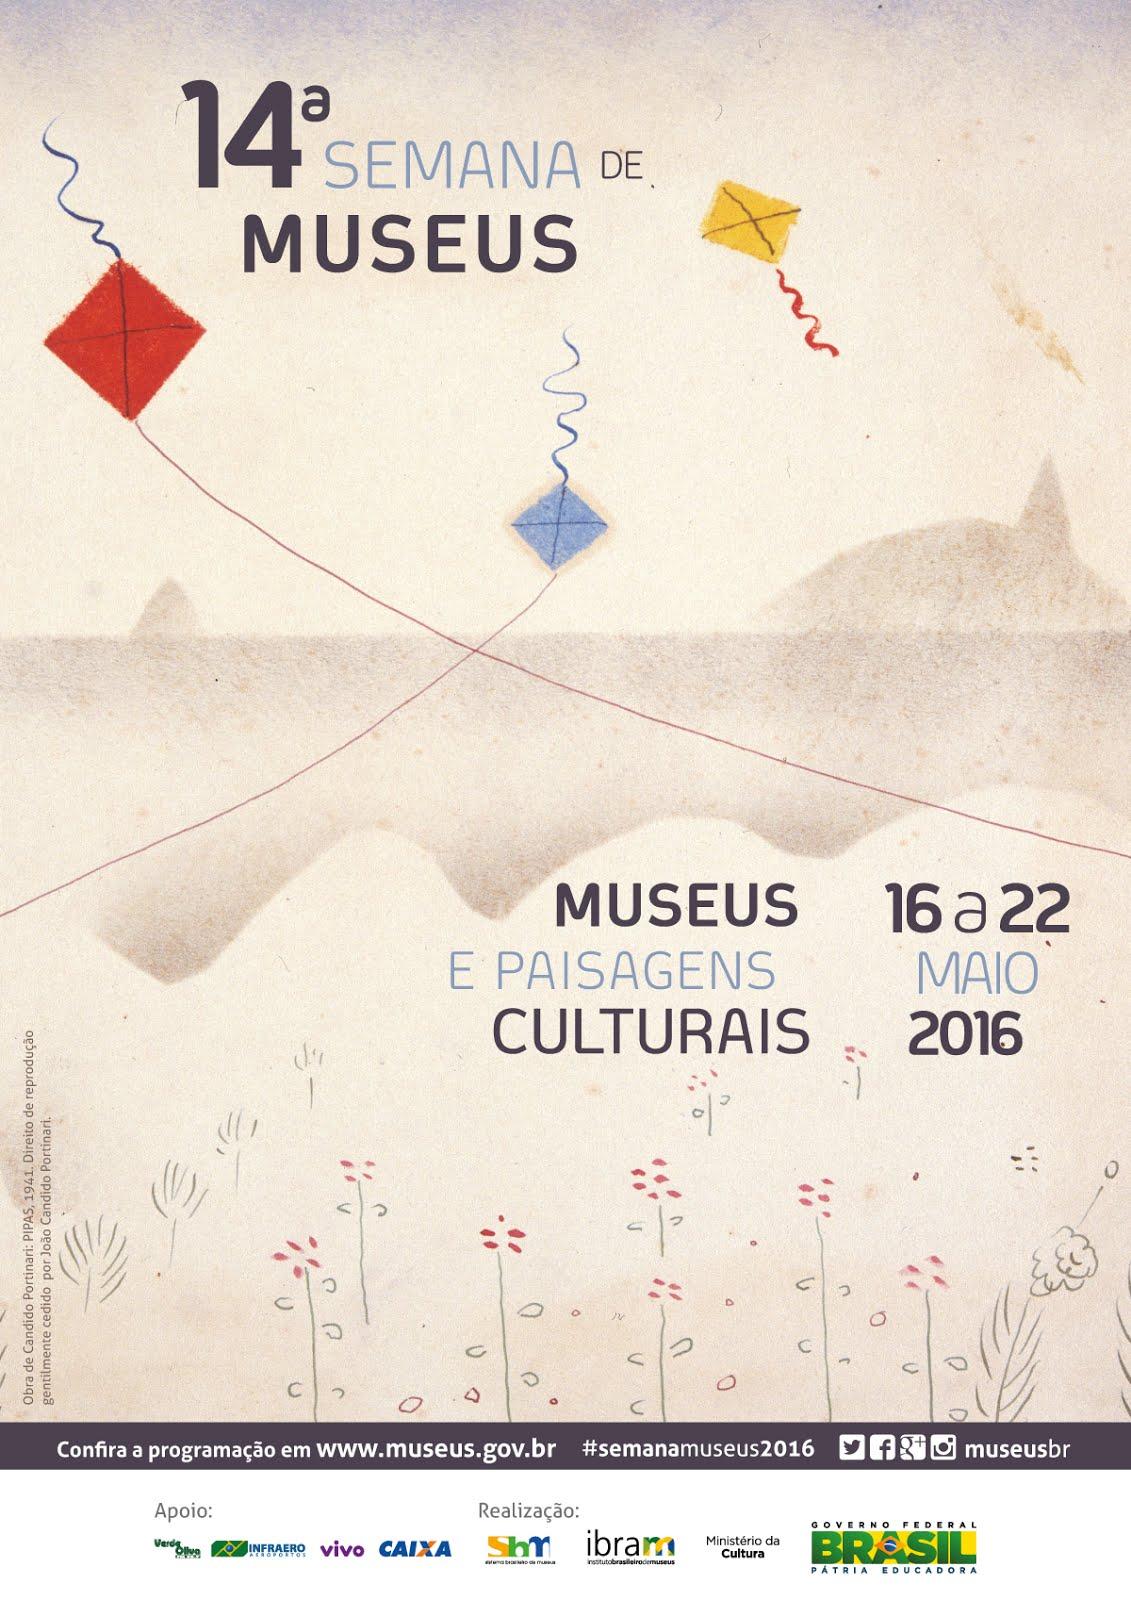 PARTICIPE DA 14º SEMANA DE MUSEUS